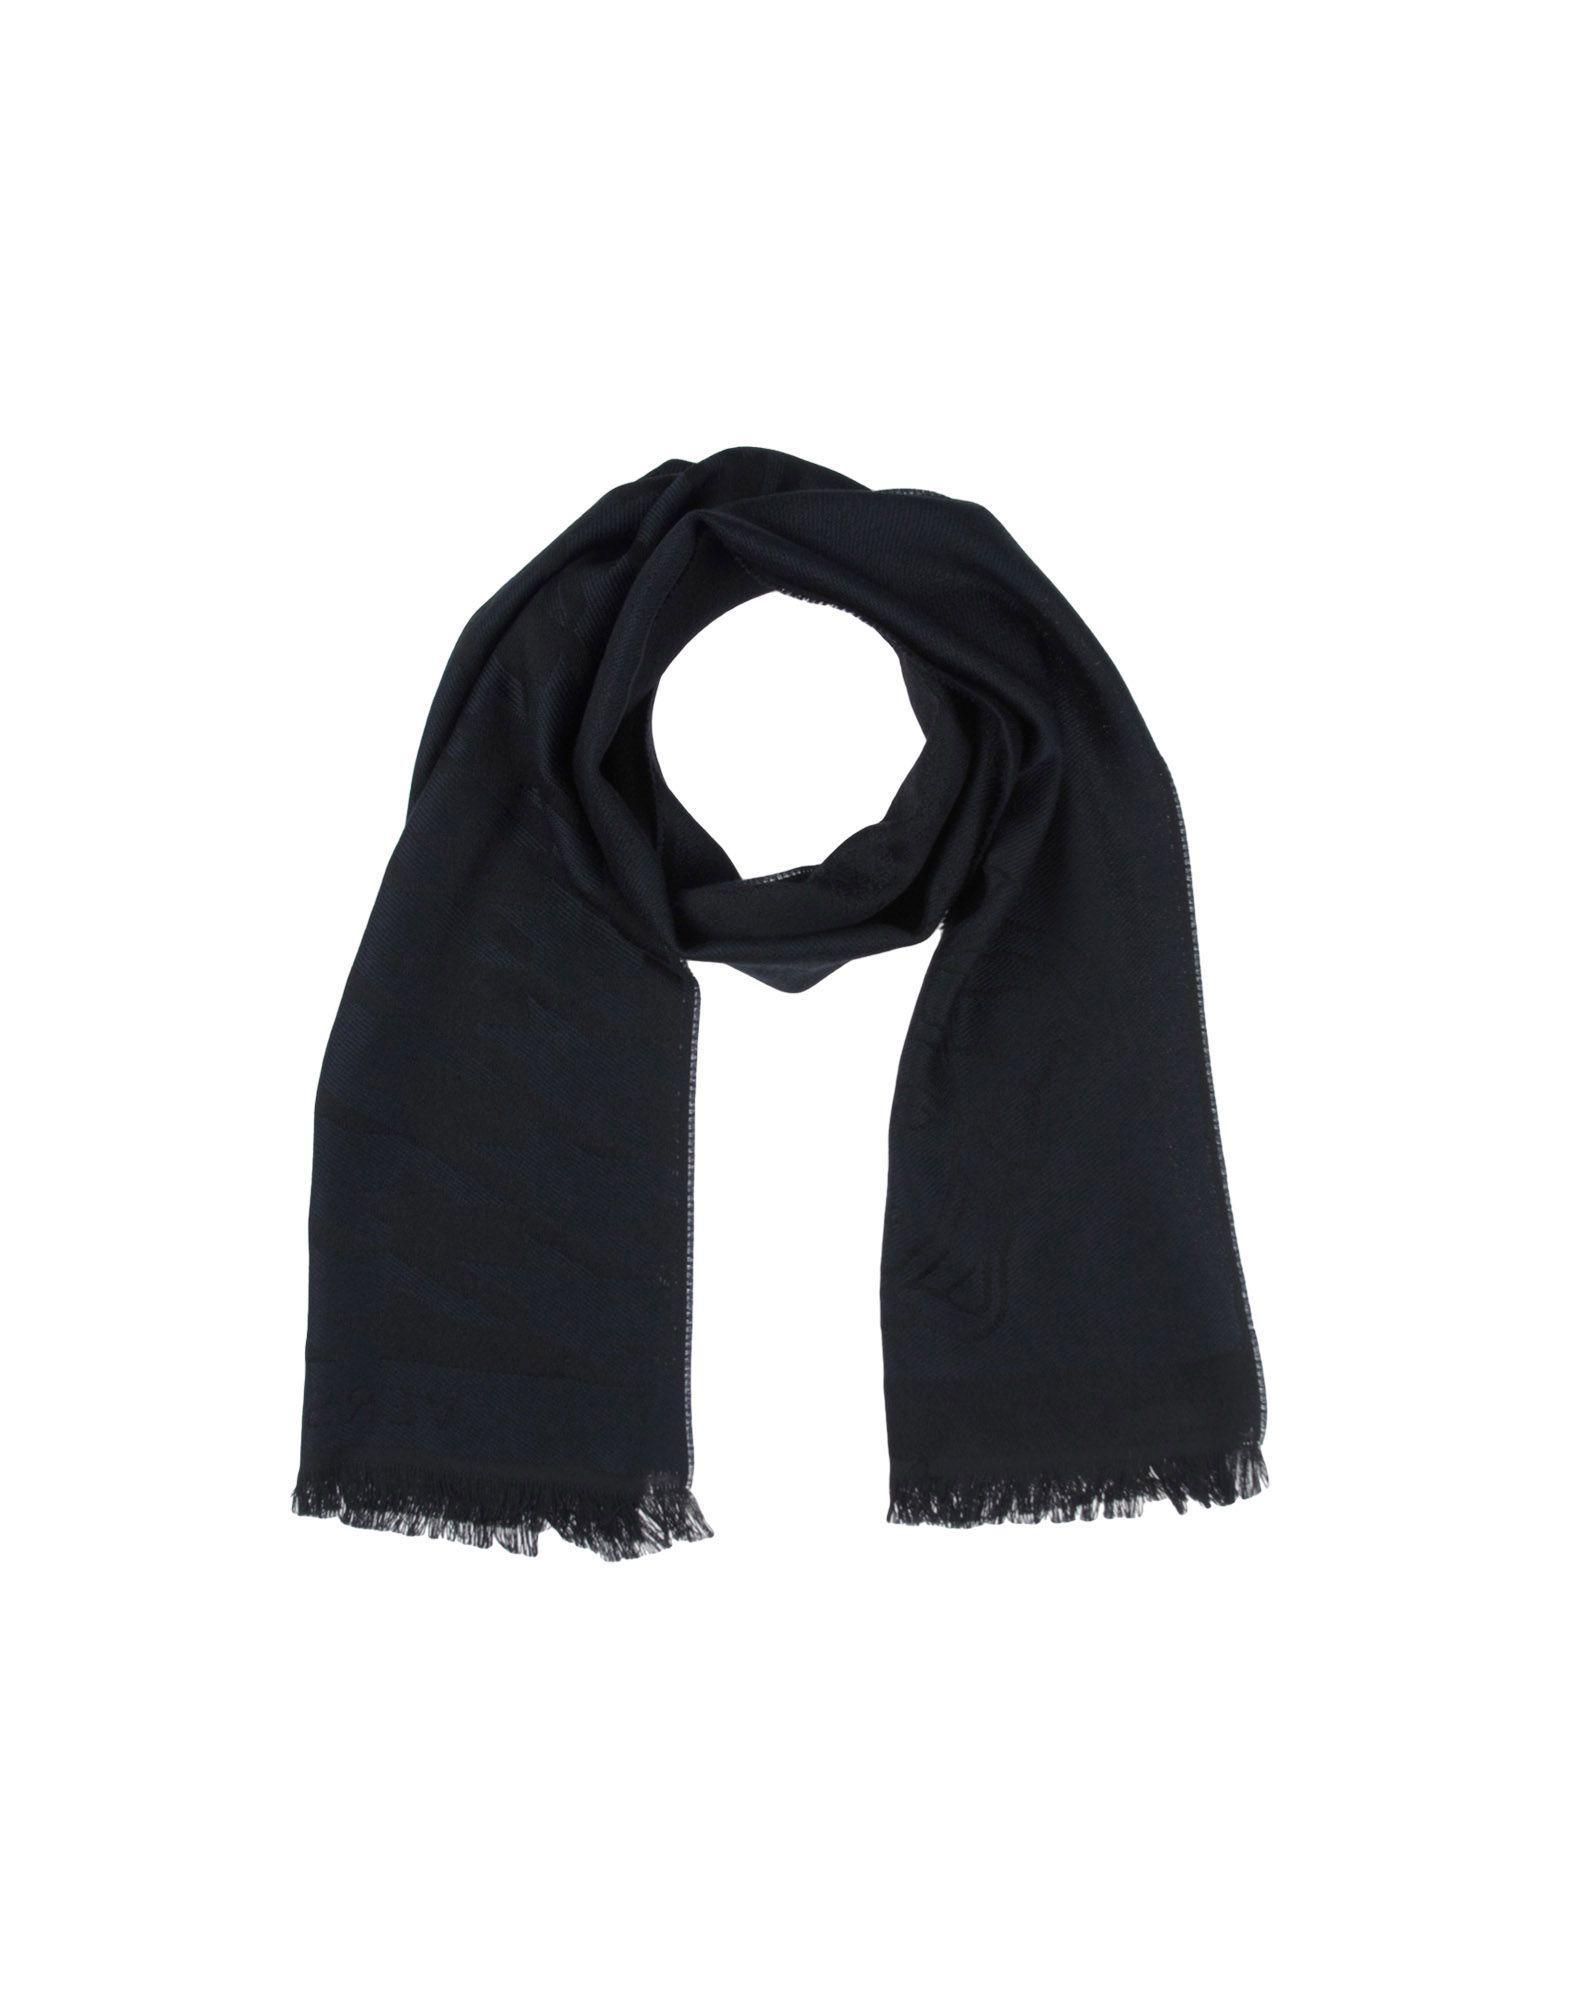 00bea81f9d3 Lyst - Écharpe Versace pour homme en coloris Noir